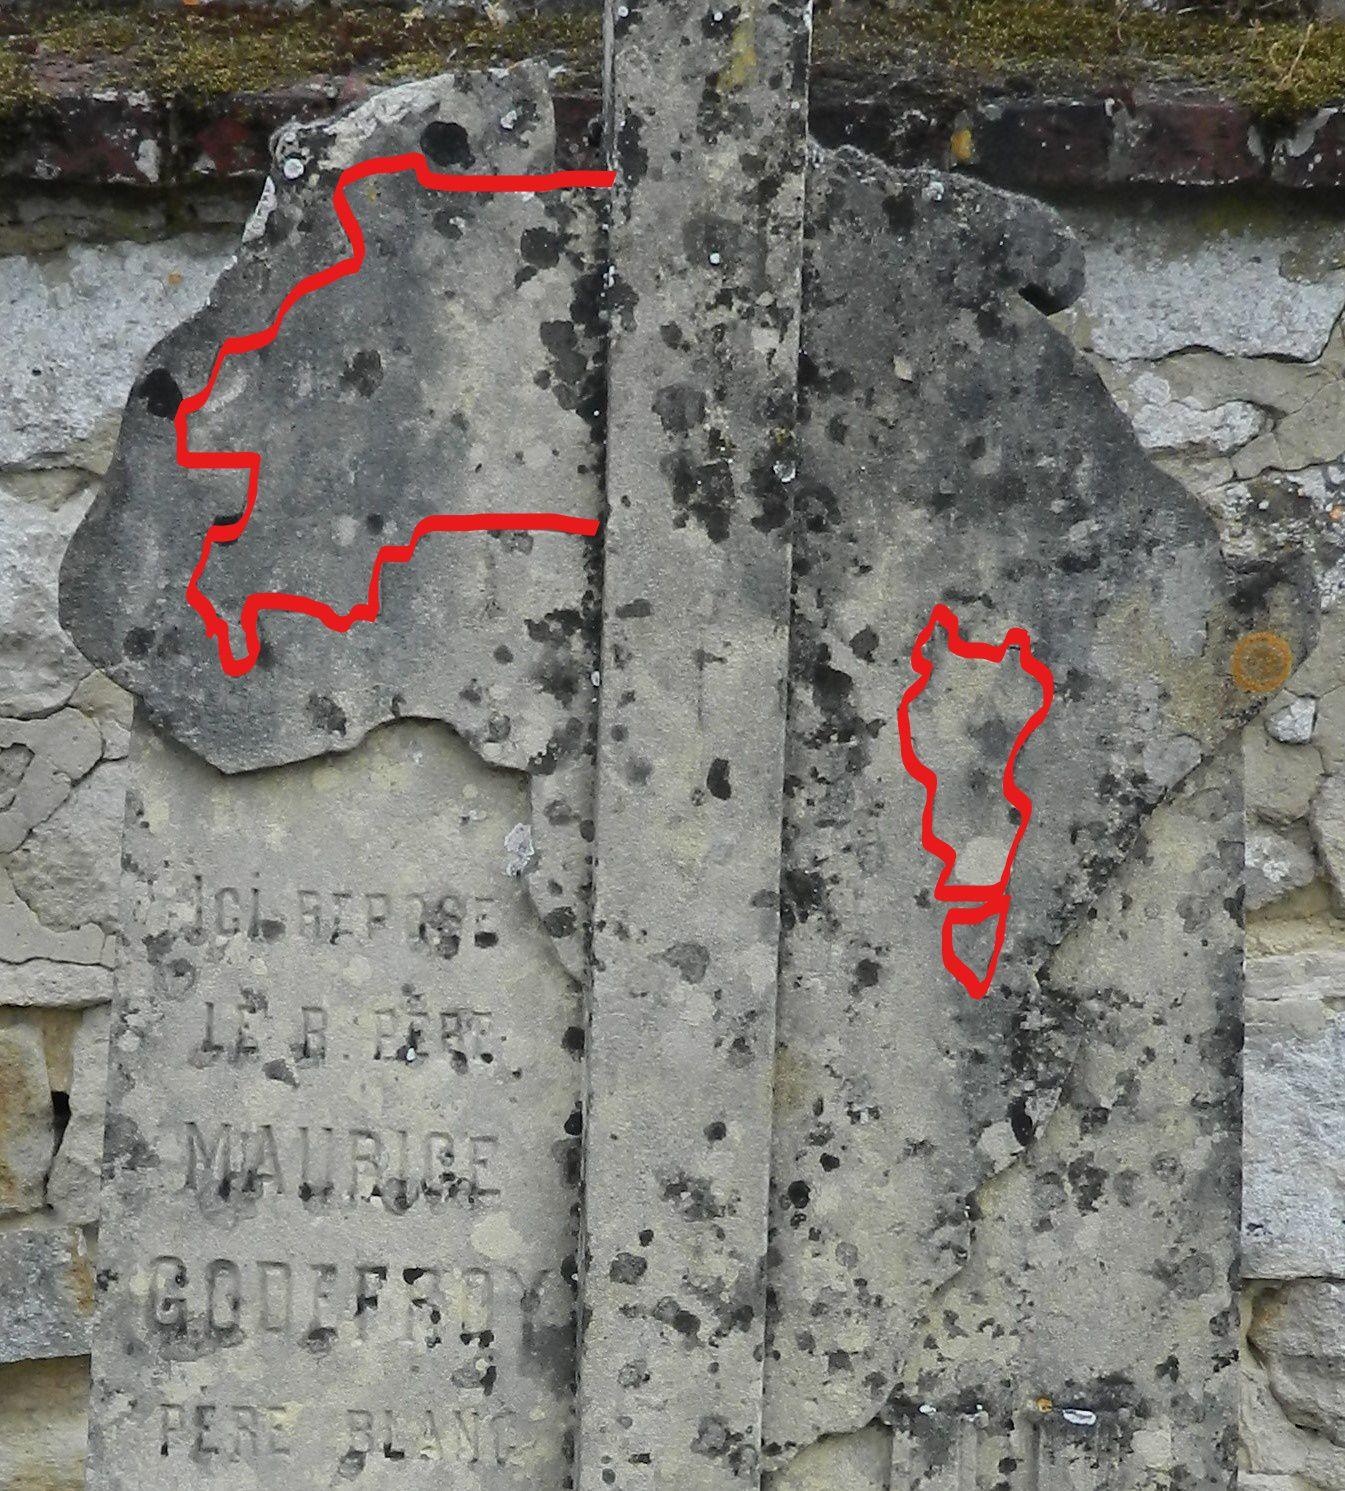 La carte de l'Afrique sur la tombe de Maurice Godefroy rappelle les missions africaines des Pères Blancs.